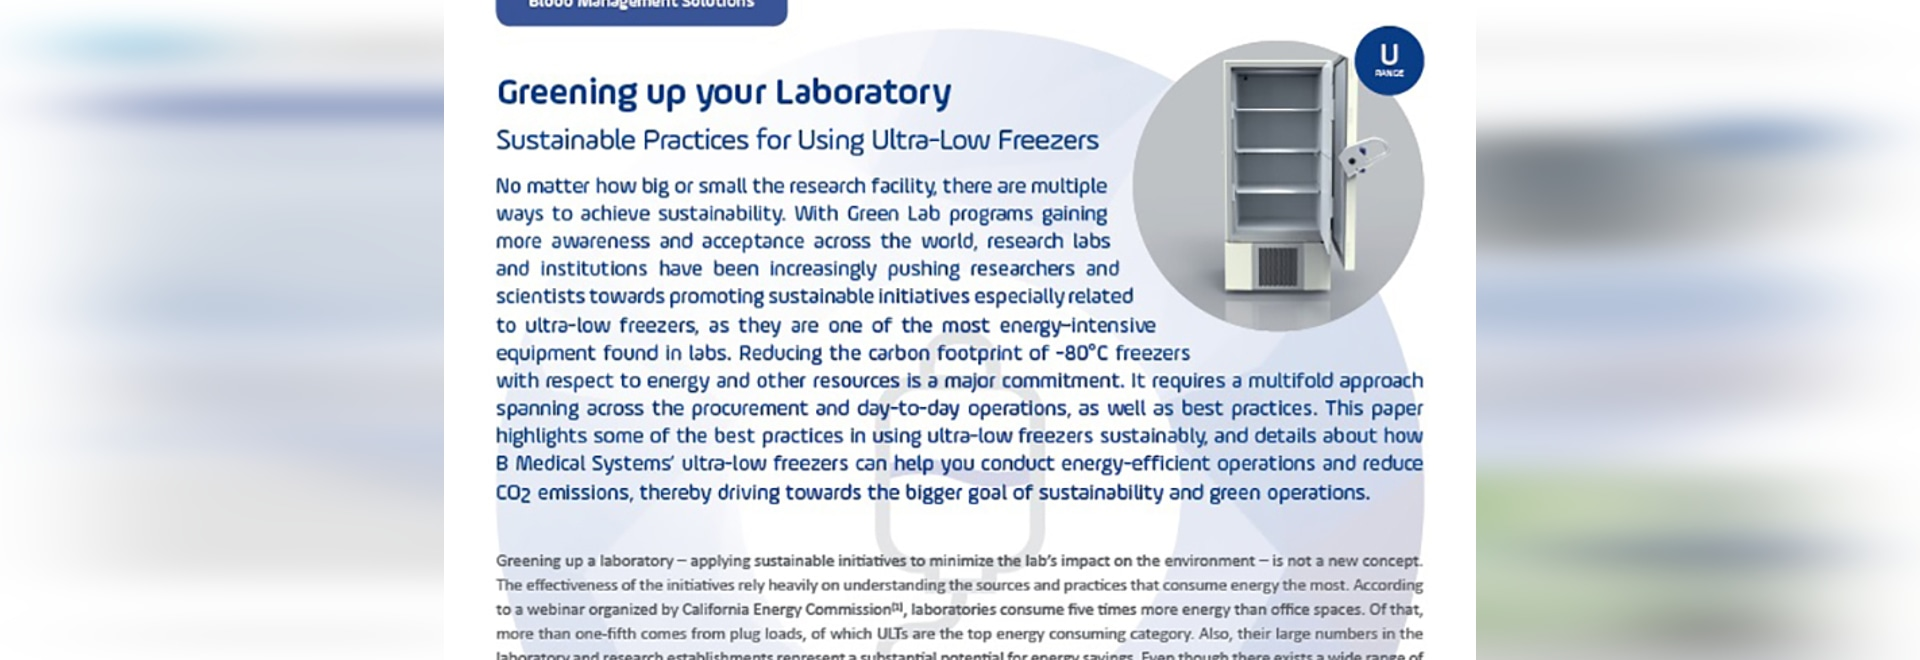 Rendere più verde il vostro laboratorio